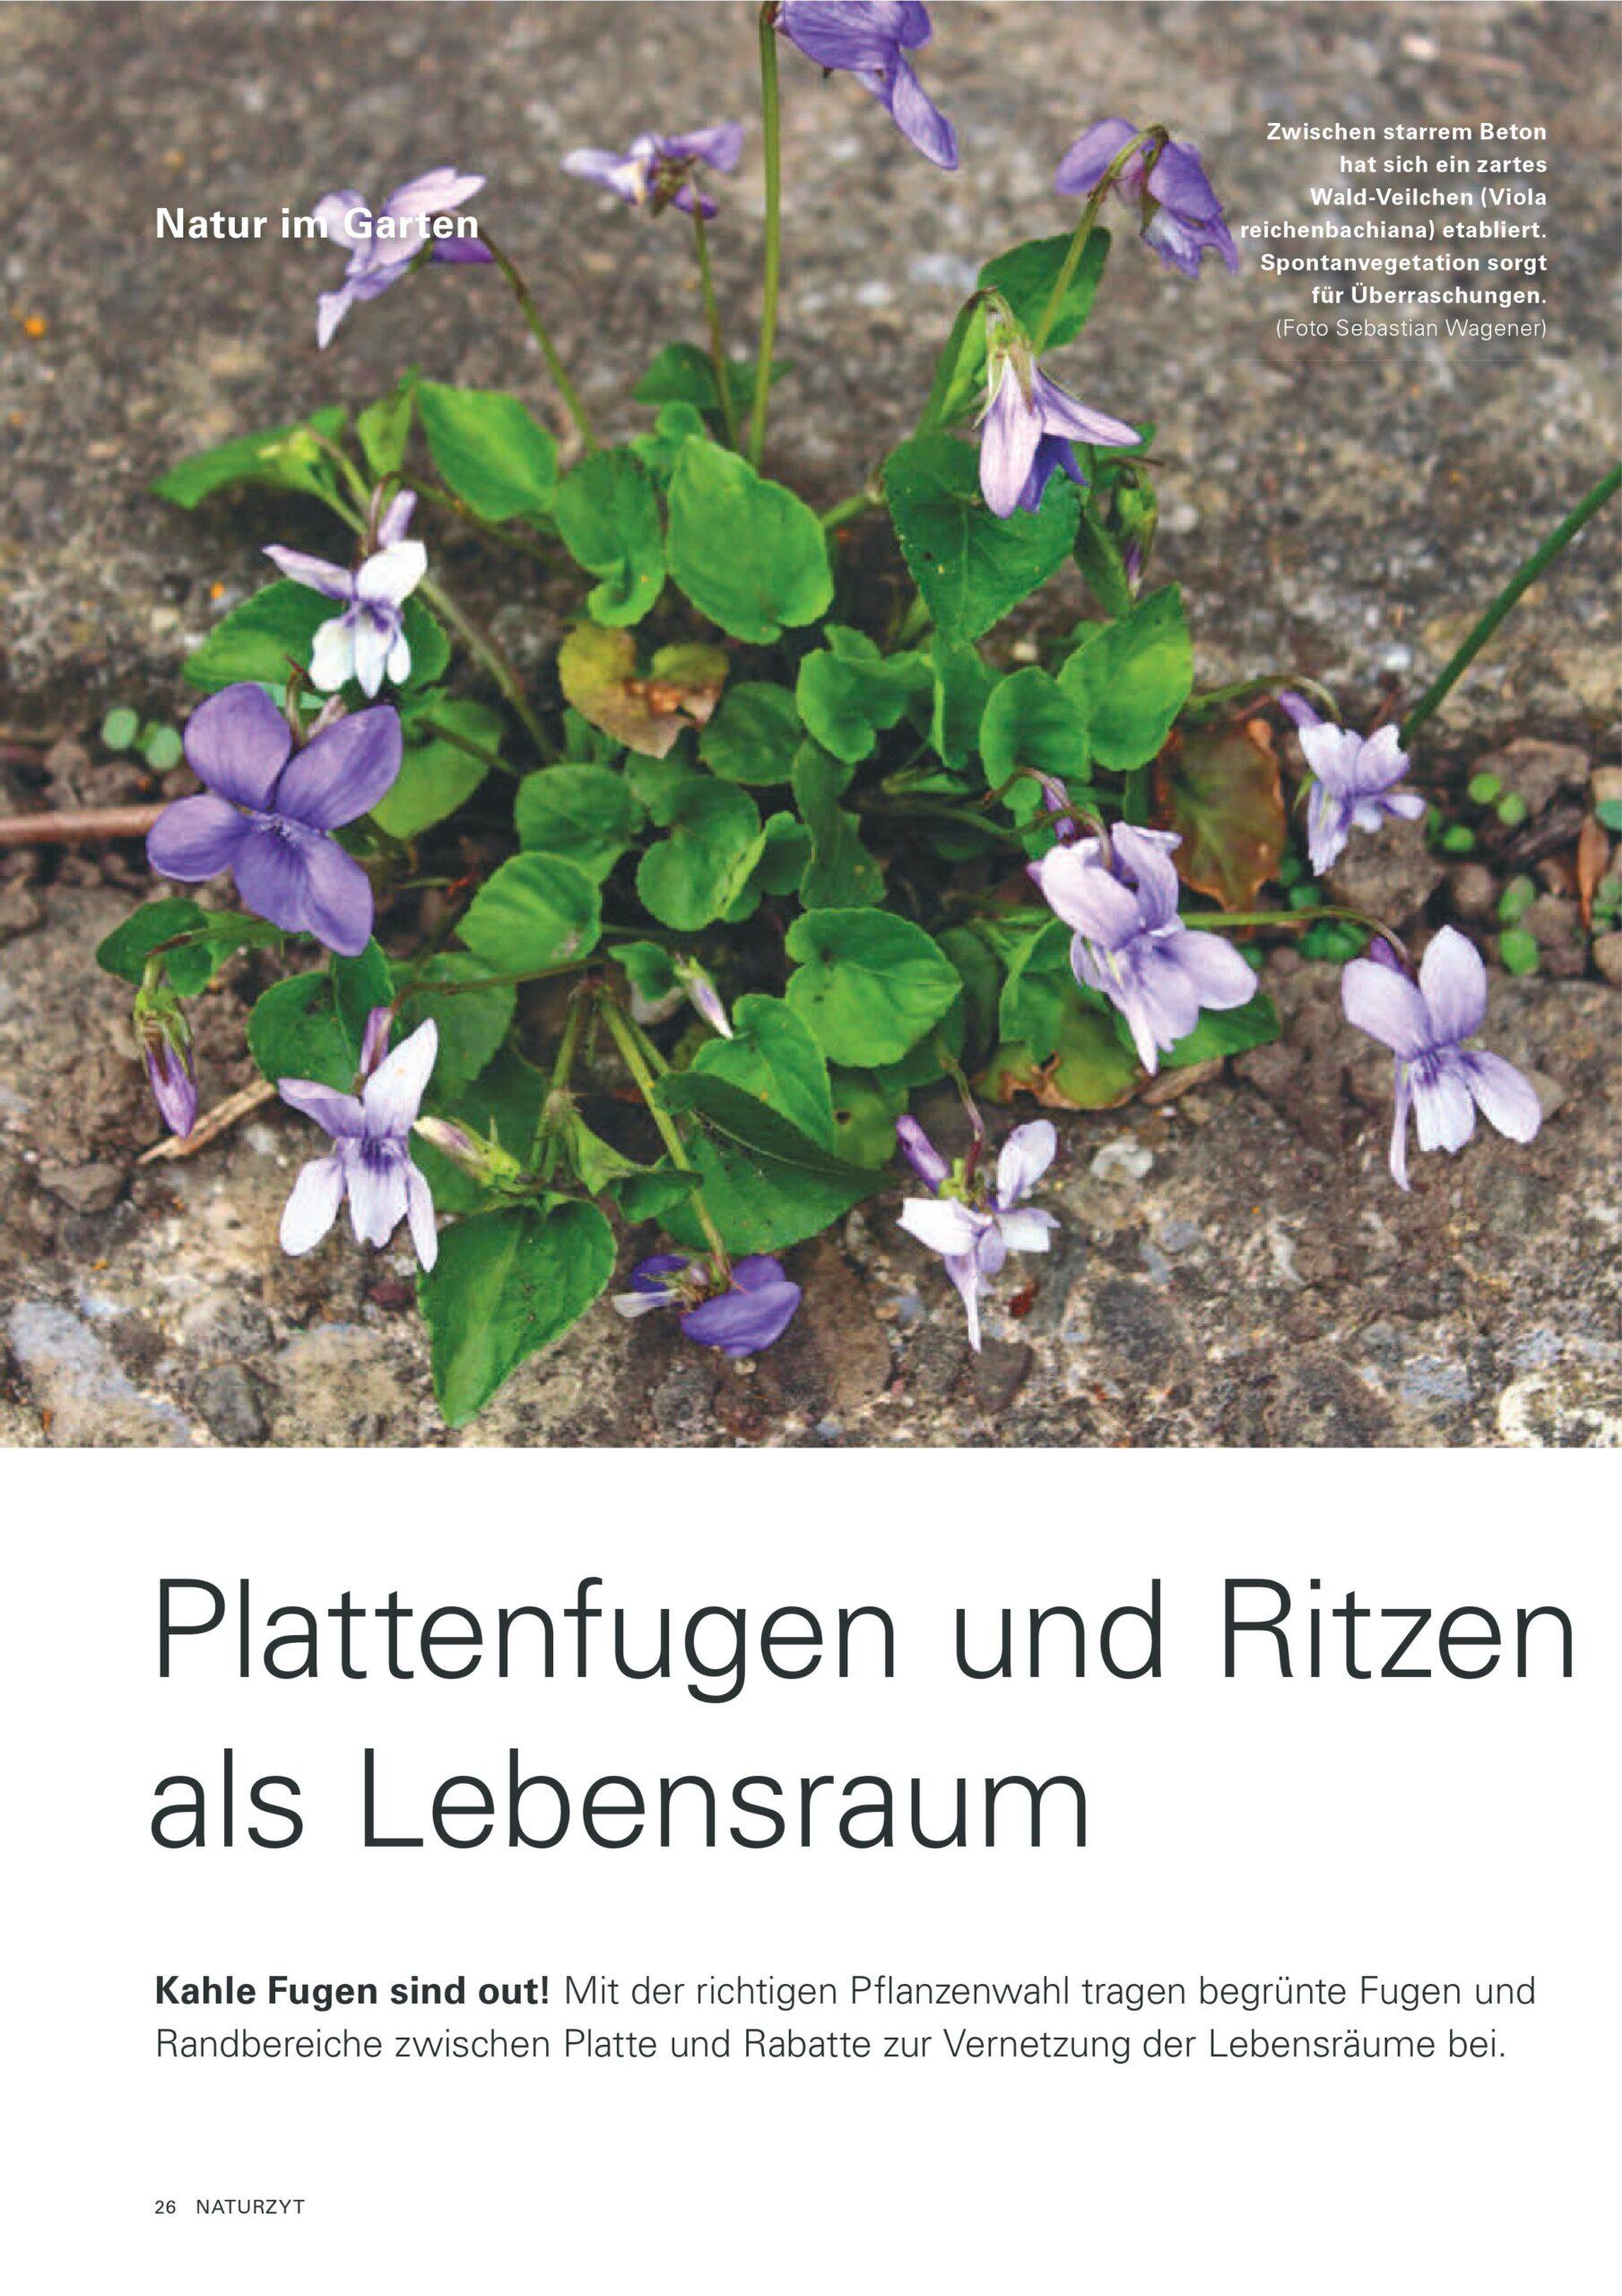 Plattenfugen und Ritzen_Naturzyt